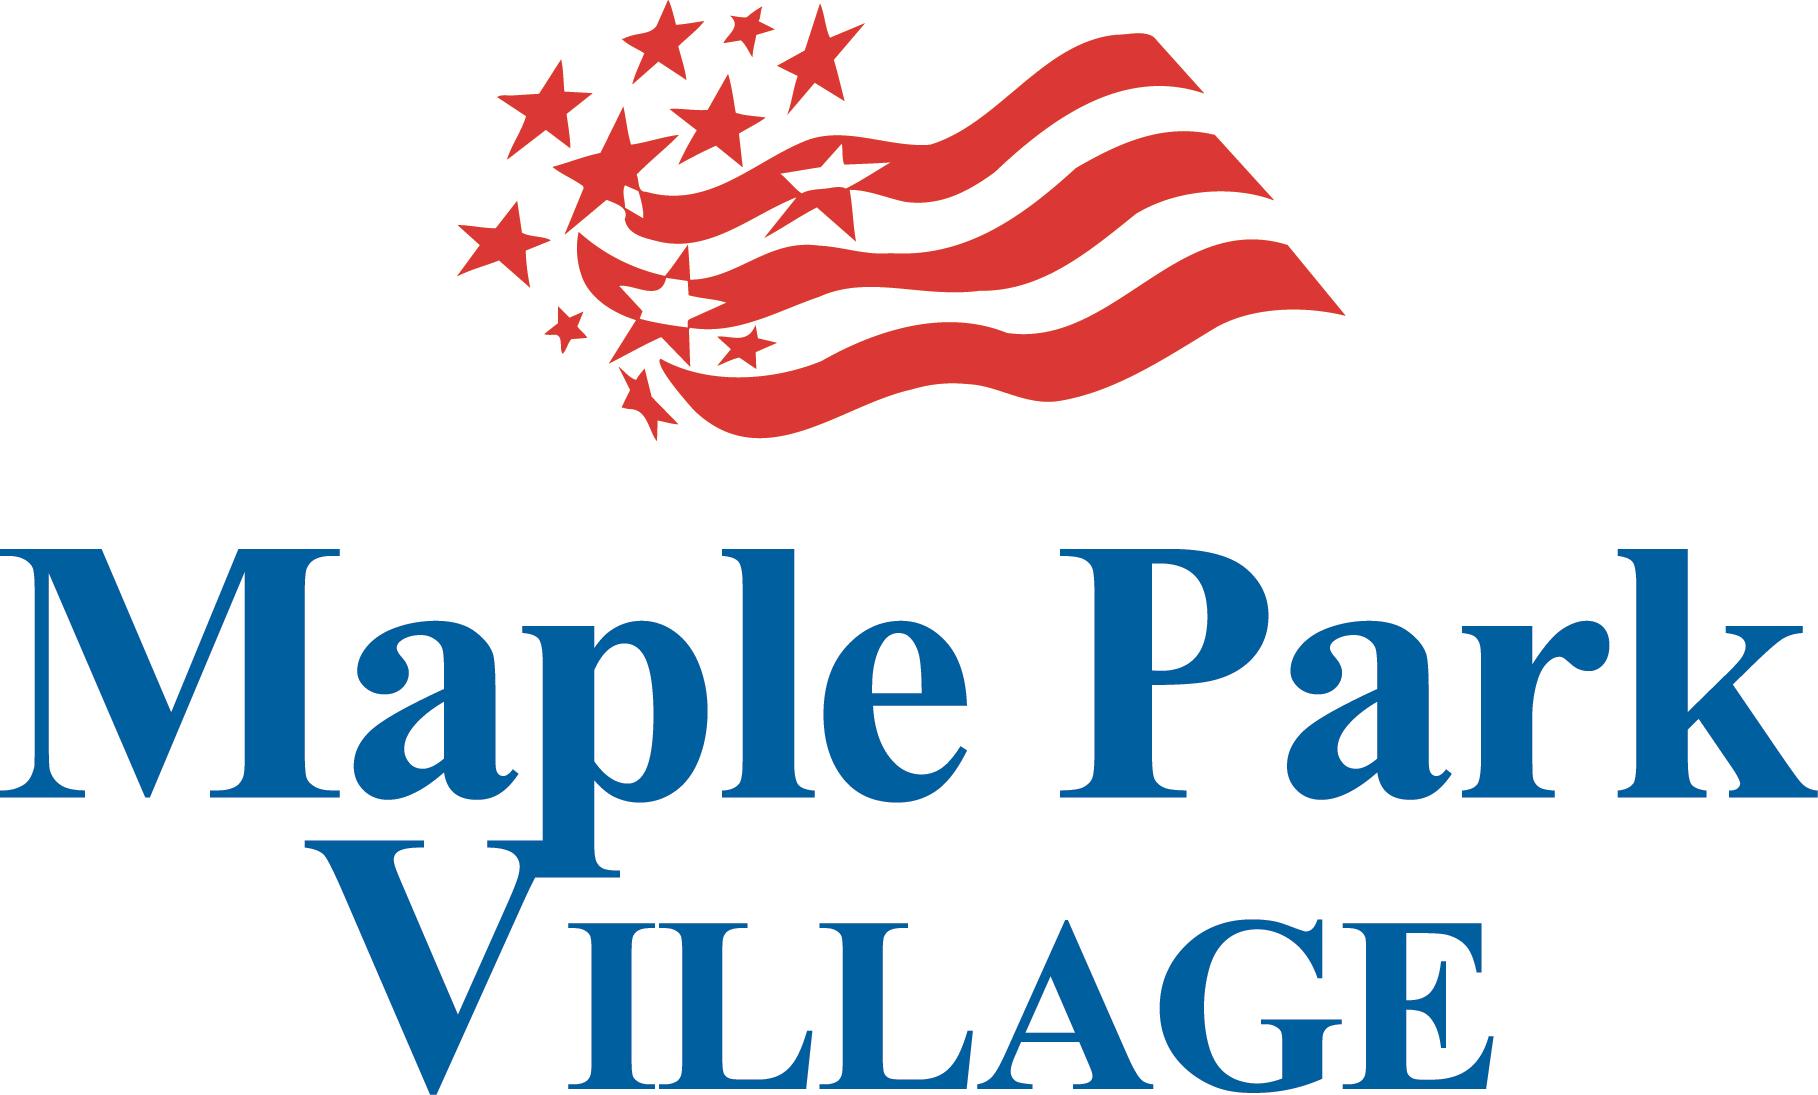 Maple Park Village